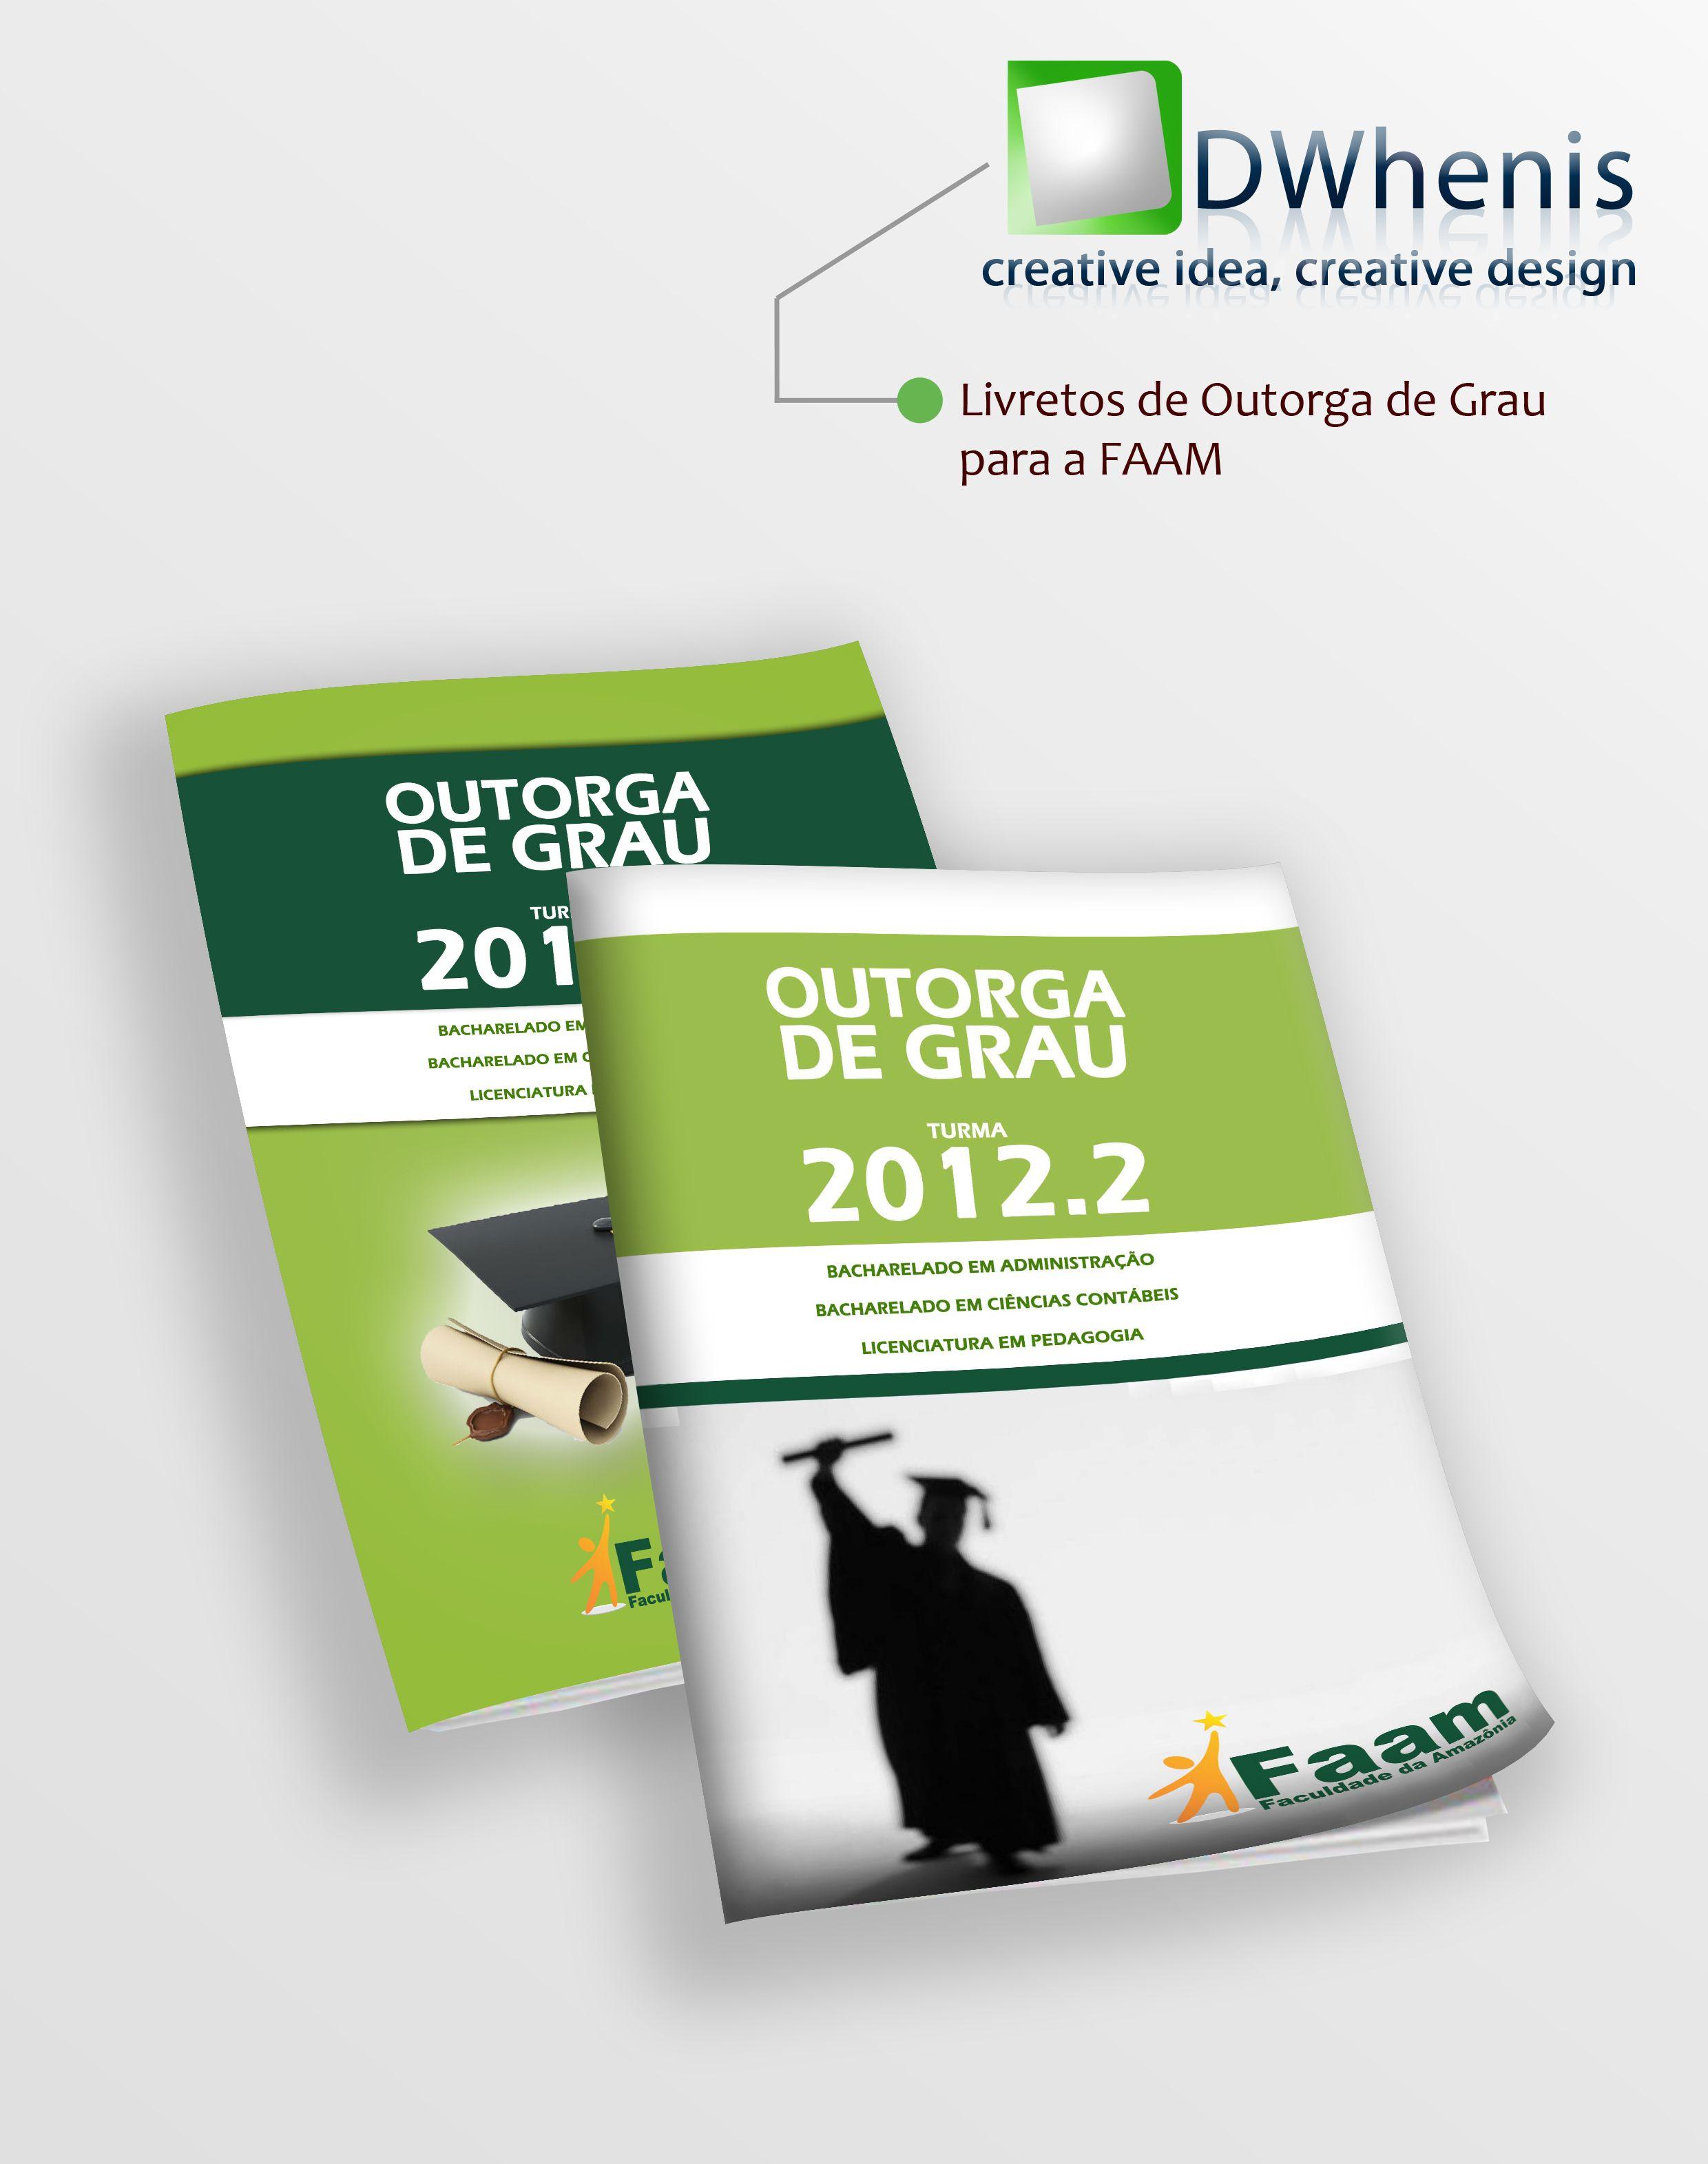 Livretos de Outorga de Grau para a FAAM - Faculdade da Amazônia